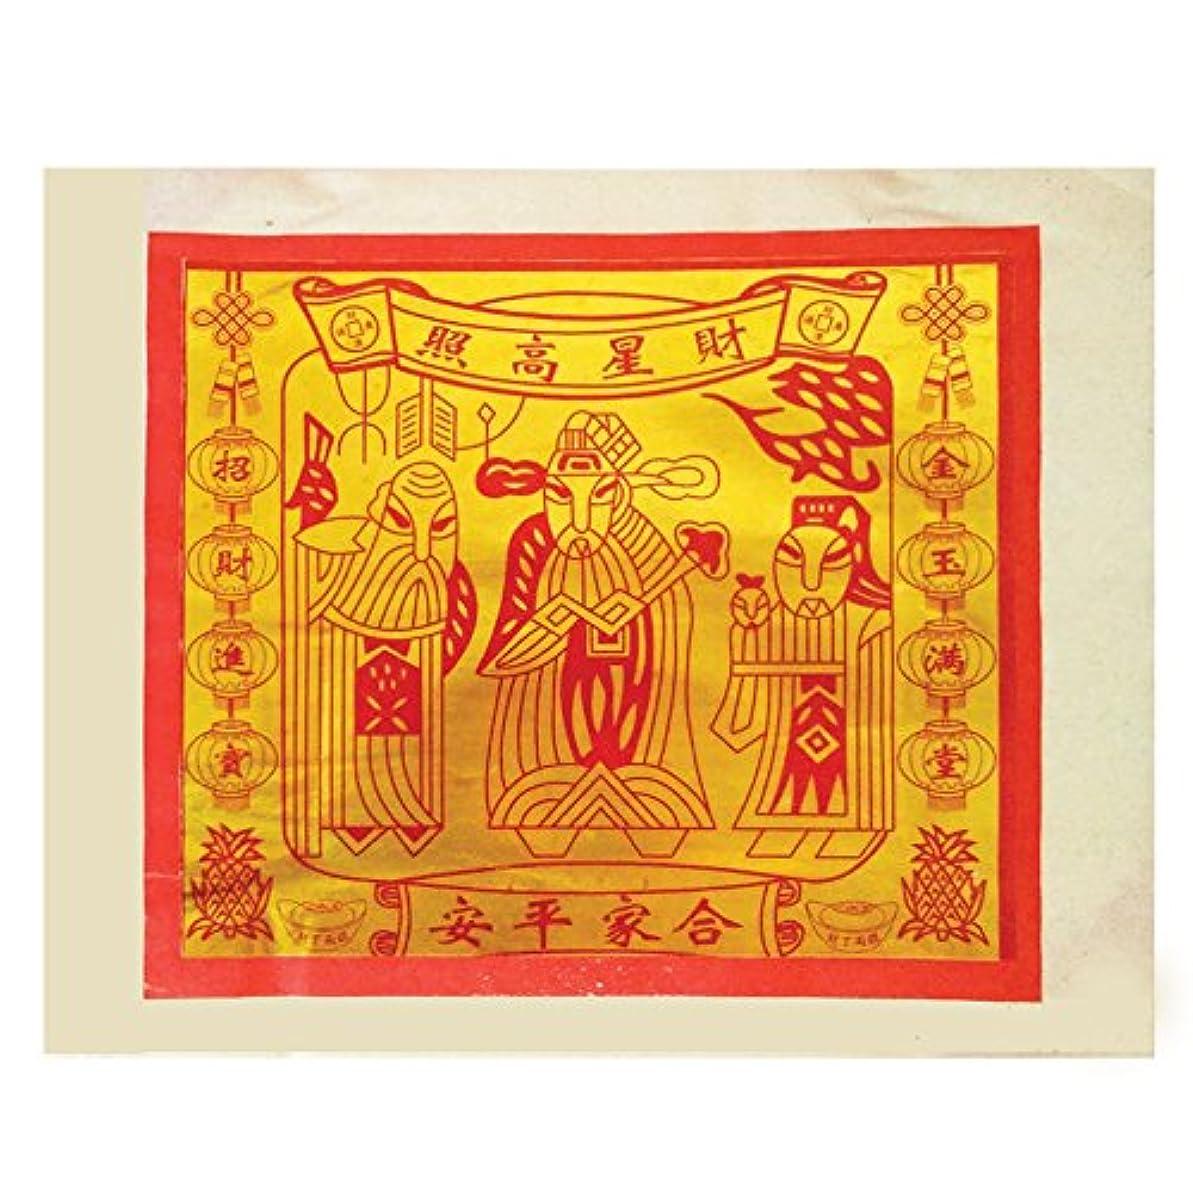 わな前進磁石80pcs Incense用紙/ Joss用紙with Gold Foil ( Mediumサイズ) 10.6インチx 10.4インチ